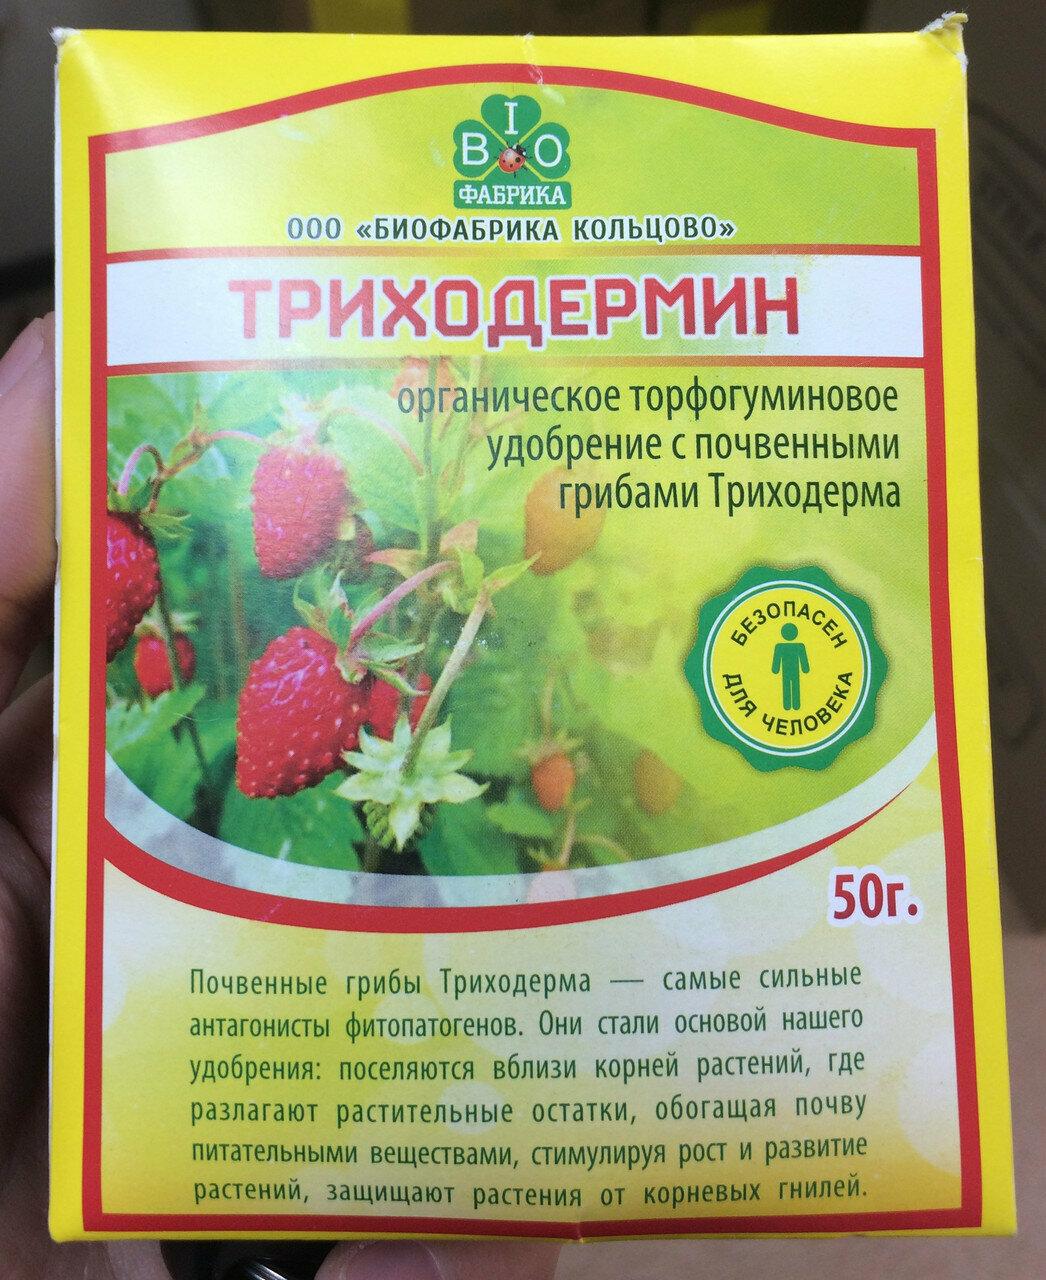 Удобрение для почвы Триходермин в Керчи